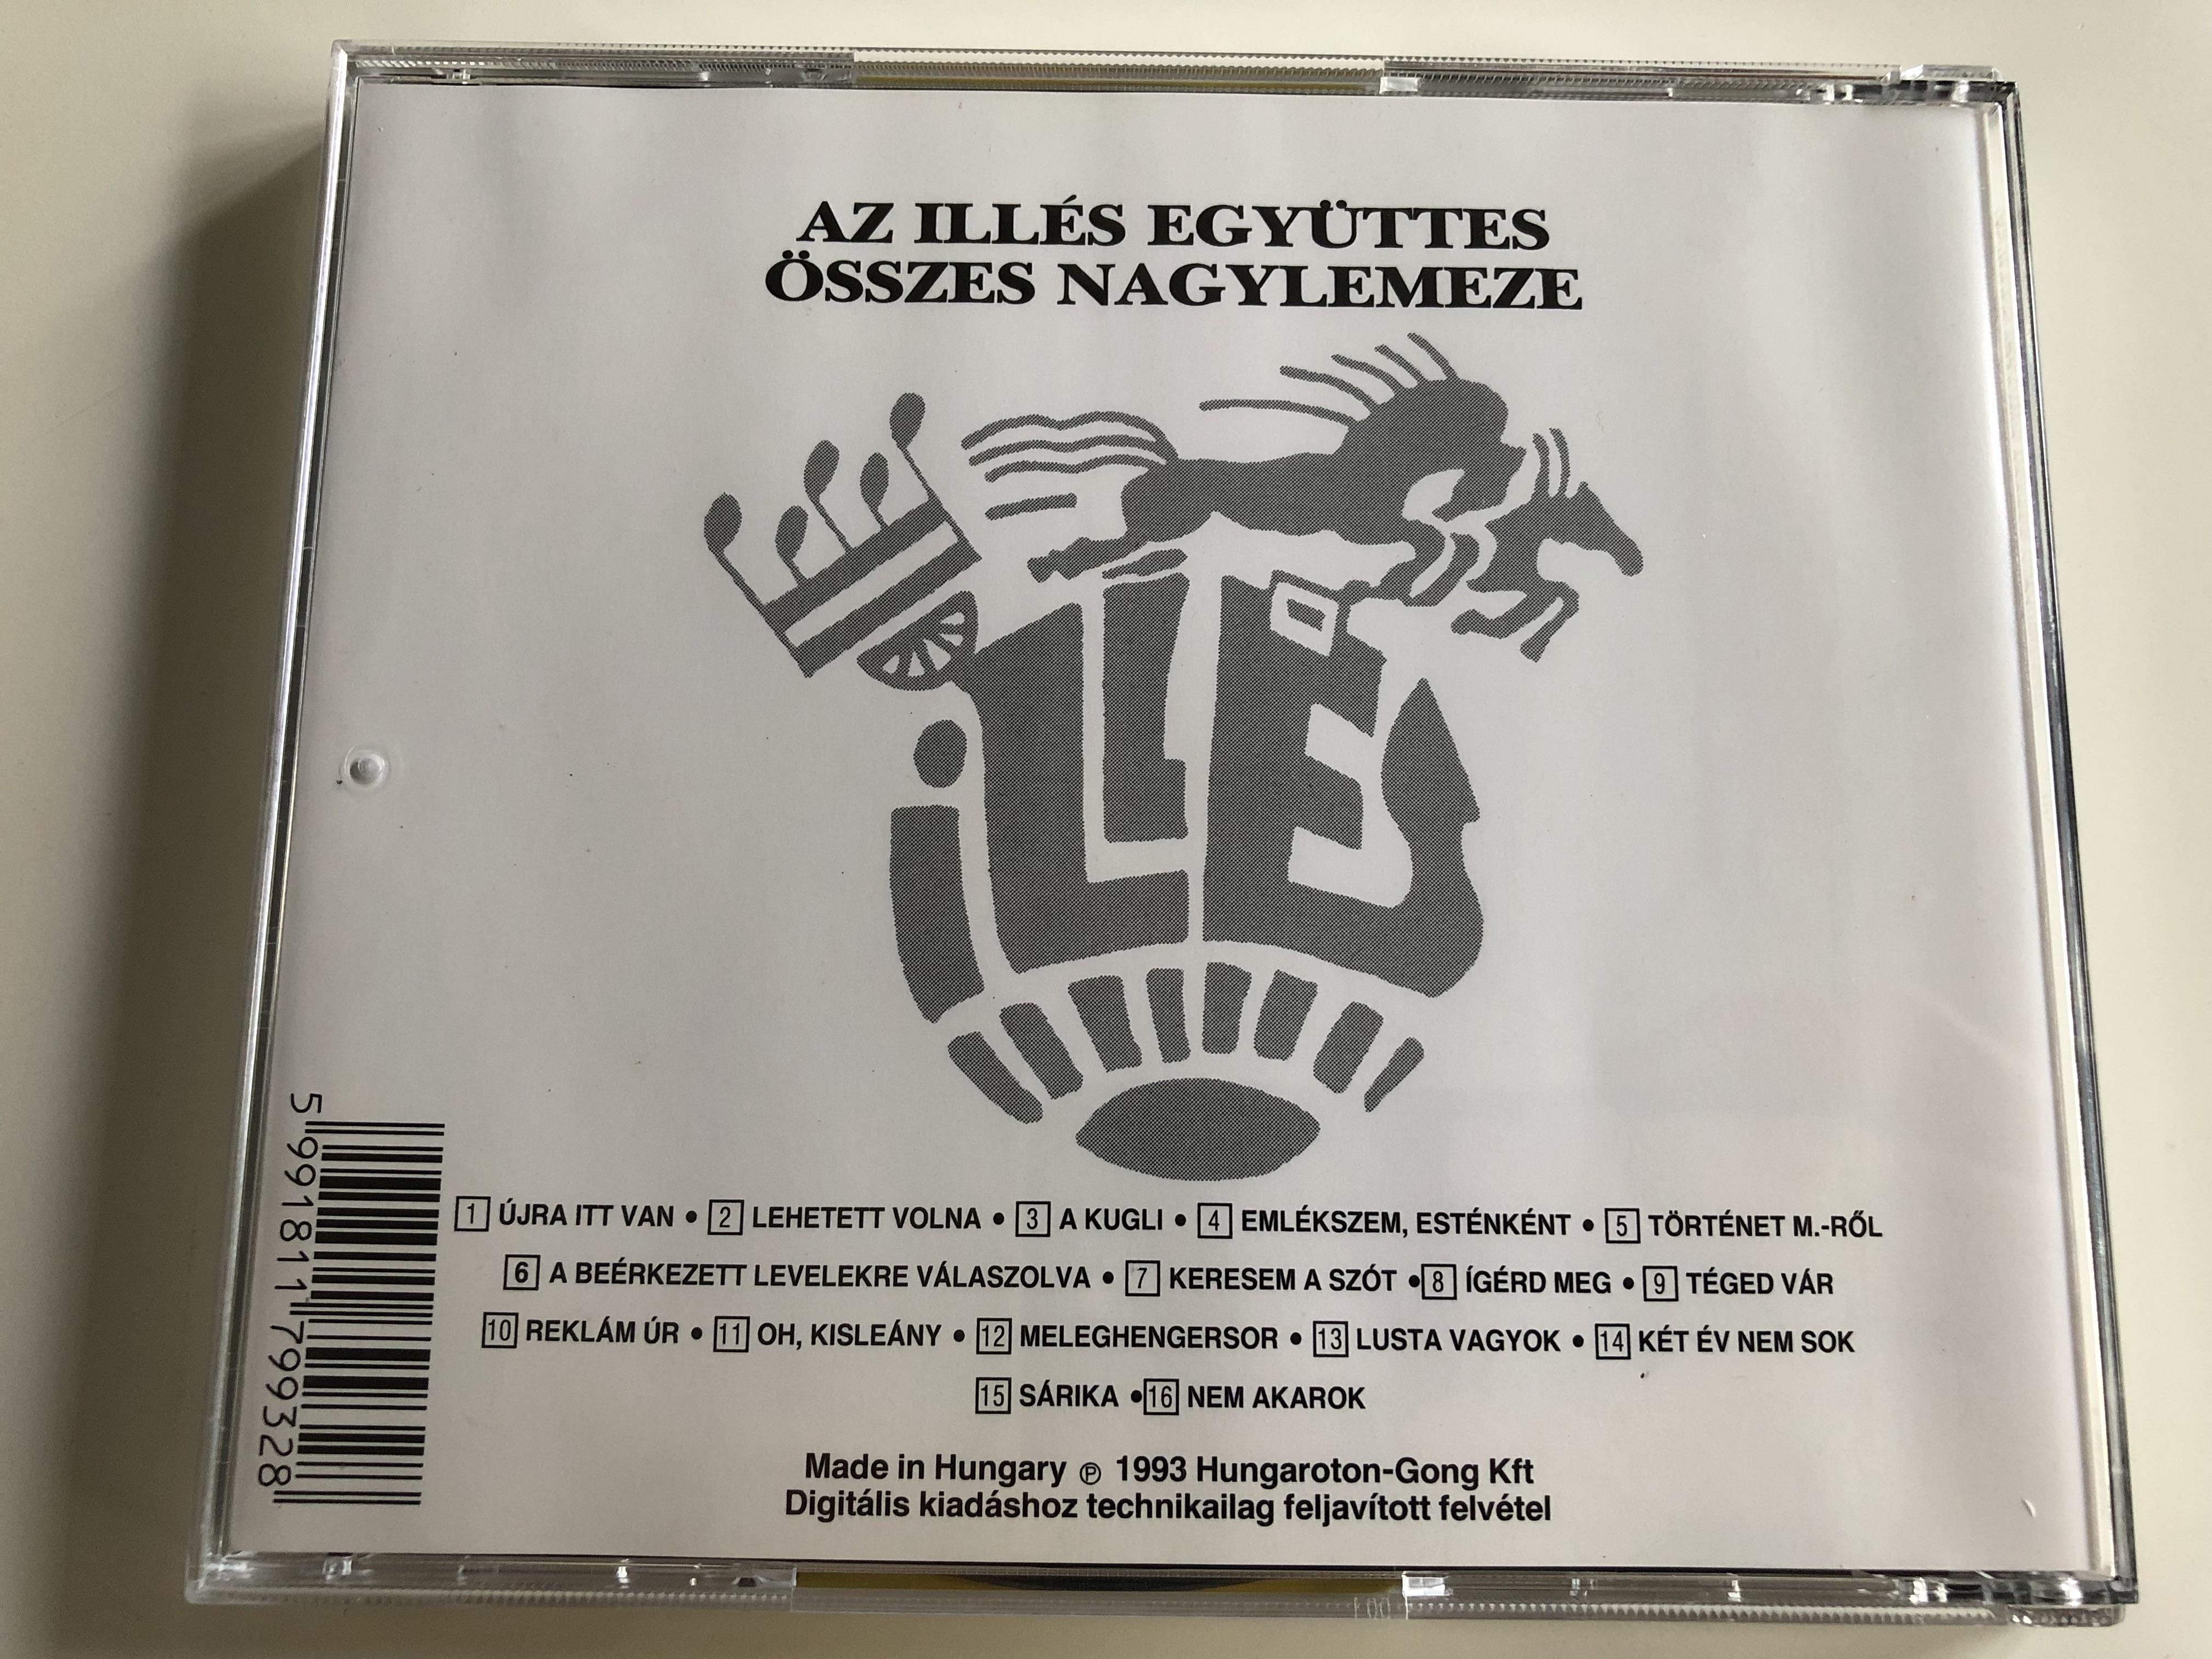 ill-sek-s-pofonok-no.-3-az-ill-s-egy-ttes-ssze-nagylemeze-audio-cd-1993-7-.jpg